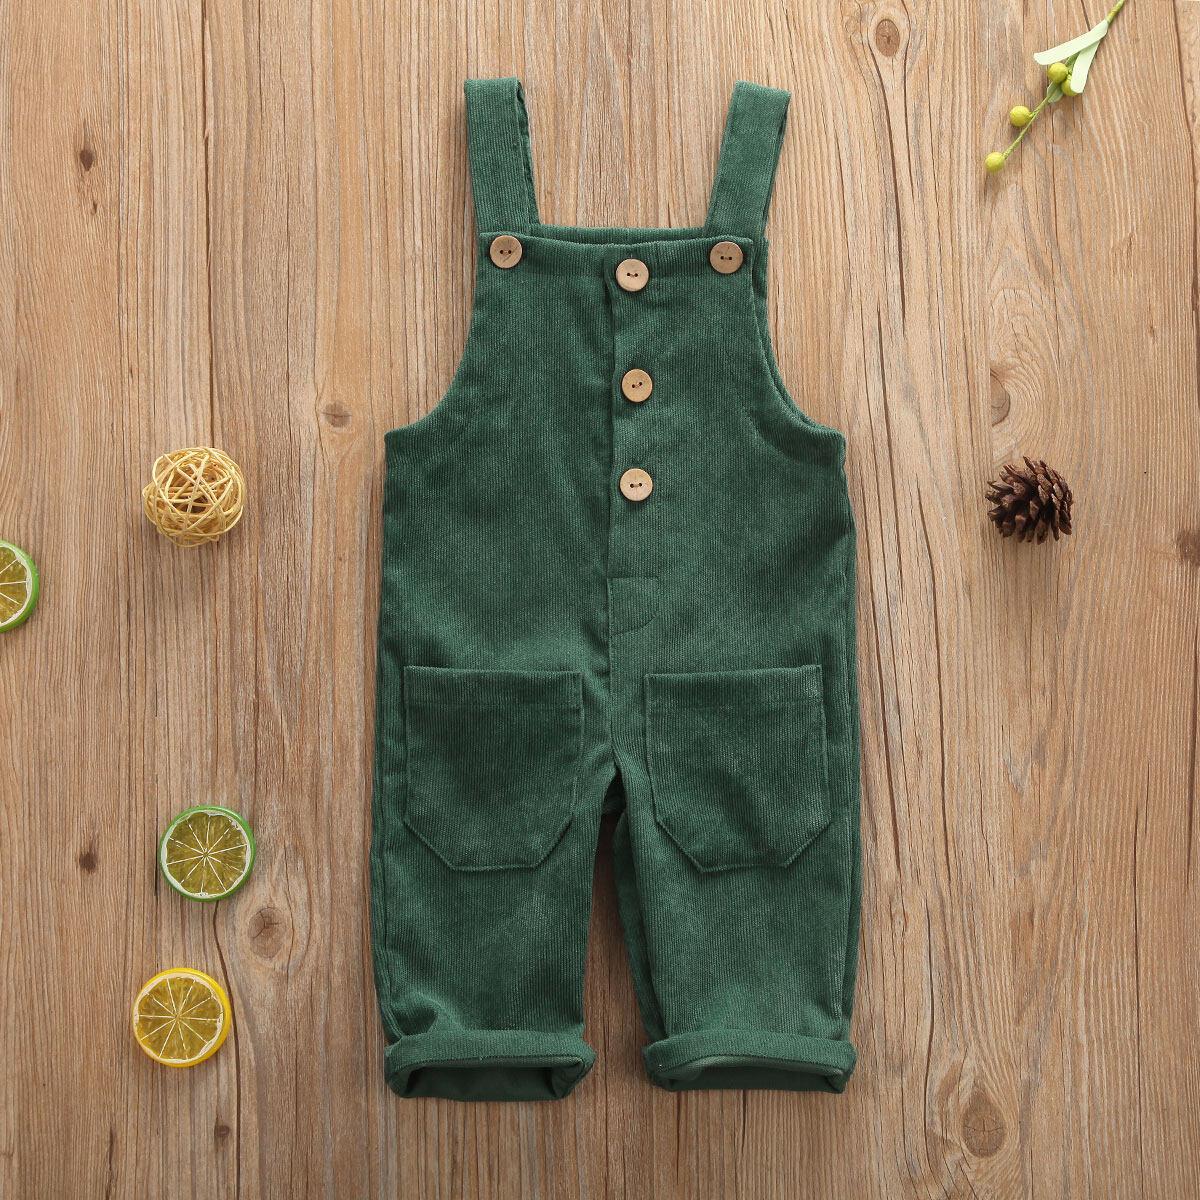 M & Bเด็กชายเด็กผู้หญิงSolidโดยรวมกางเกงขายาวสายเอี๊ยมCasual Corduroyเอี๊ยมทารกกางเกงOutwearสำหรับ 0-5 ปีเด็กวัยหัดเดินเด็ก